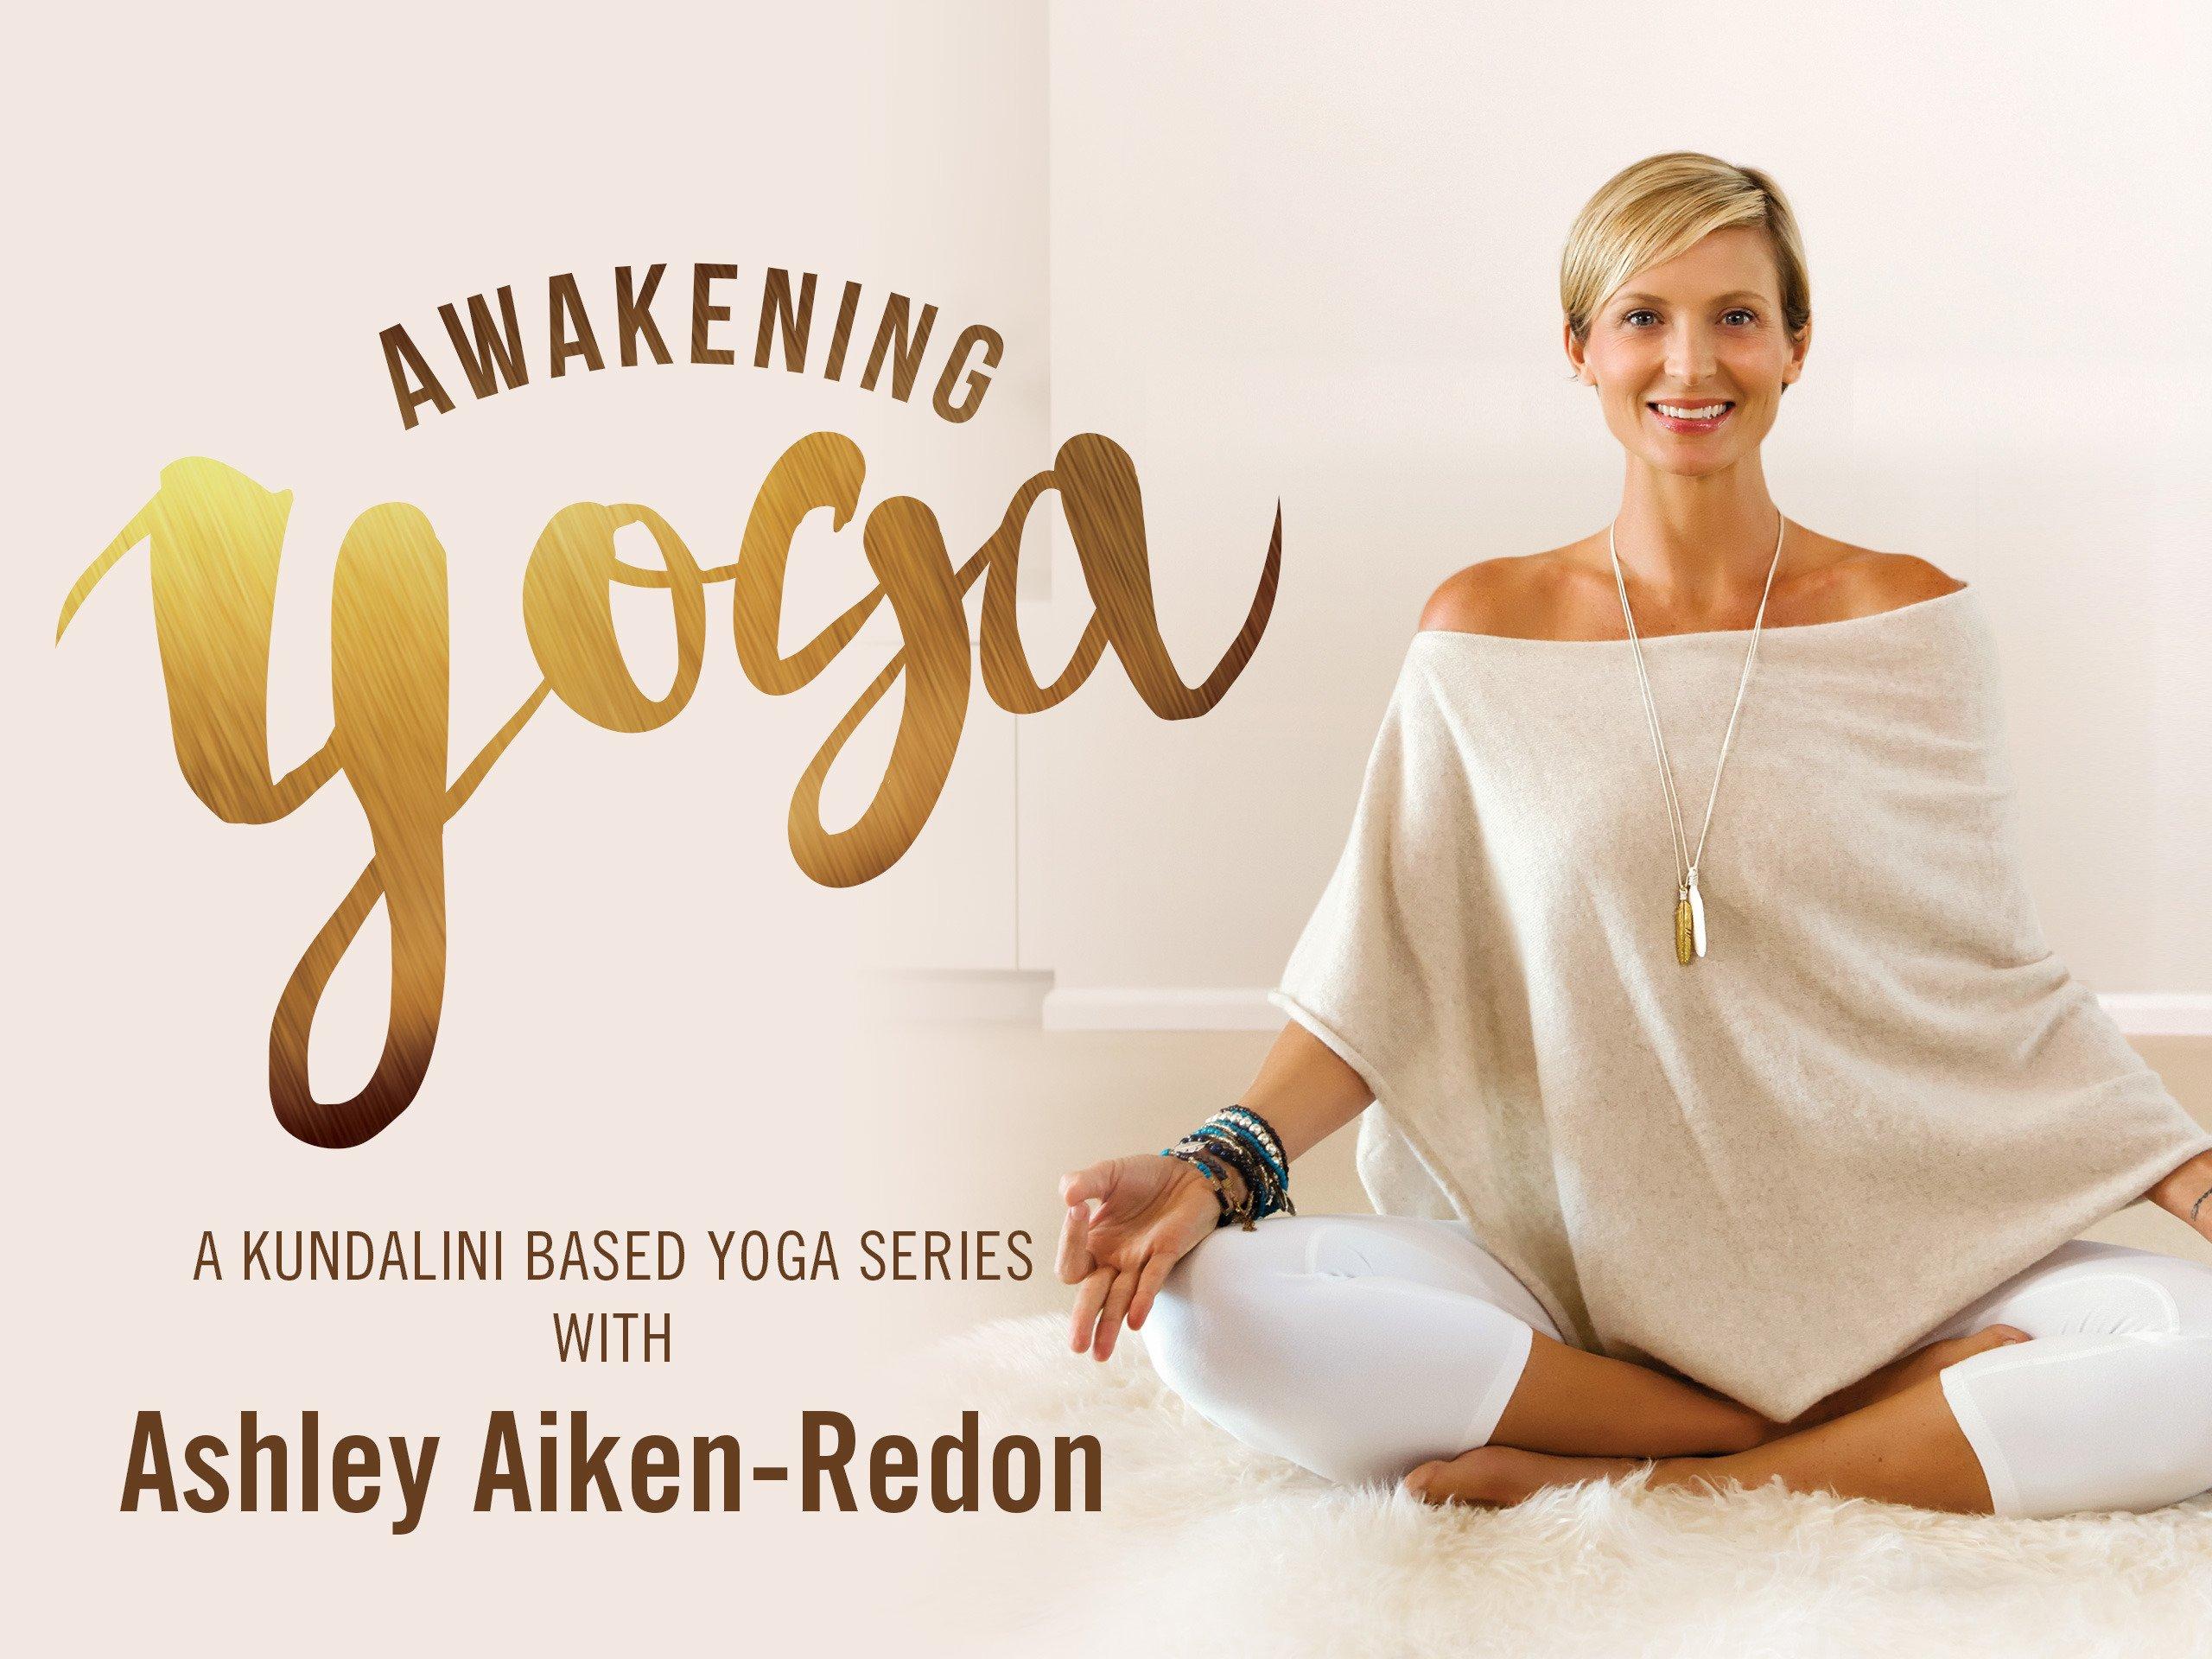 Amazon.com: Awakening Yoga & Meditation with Ashley Aiken-Redon